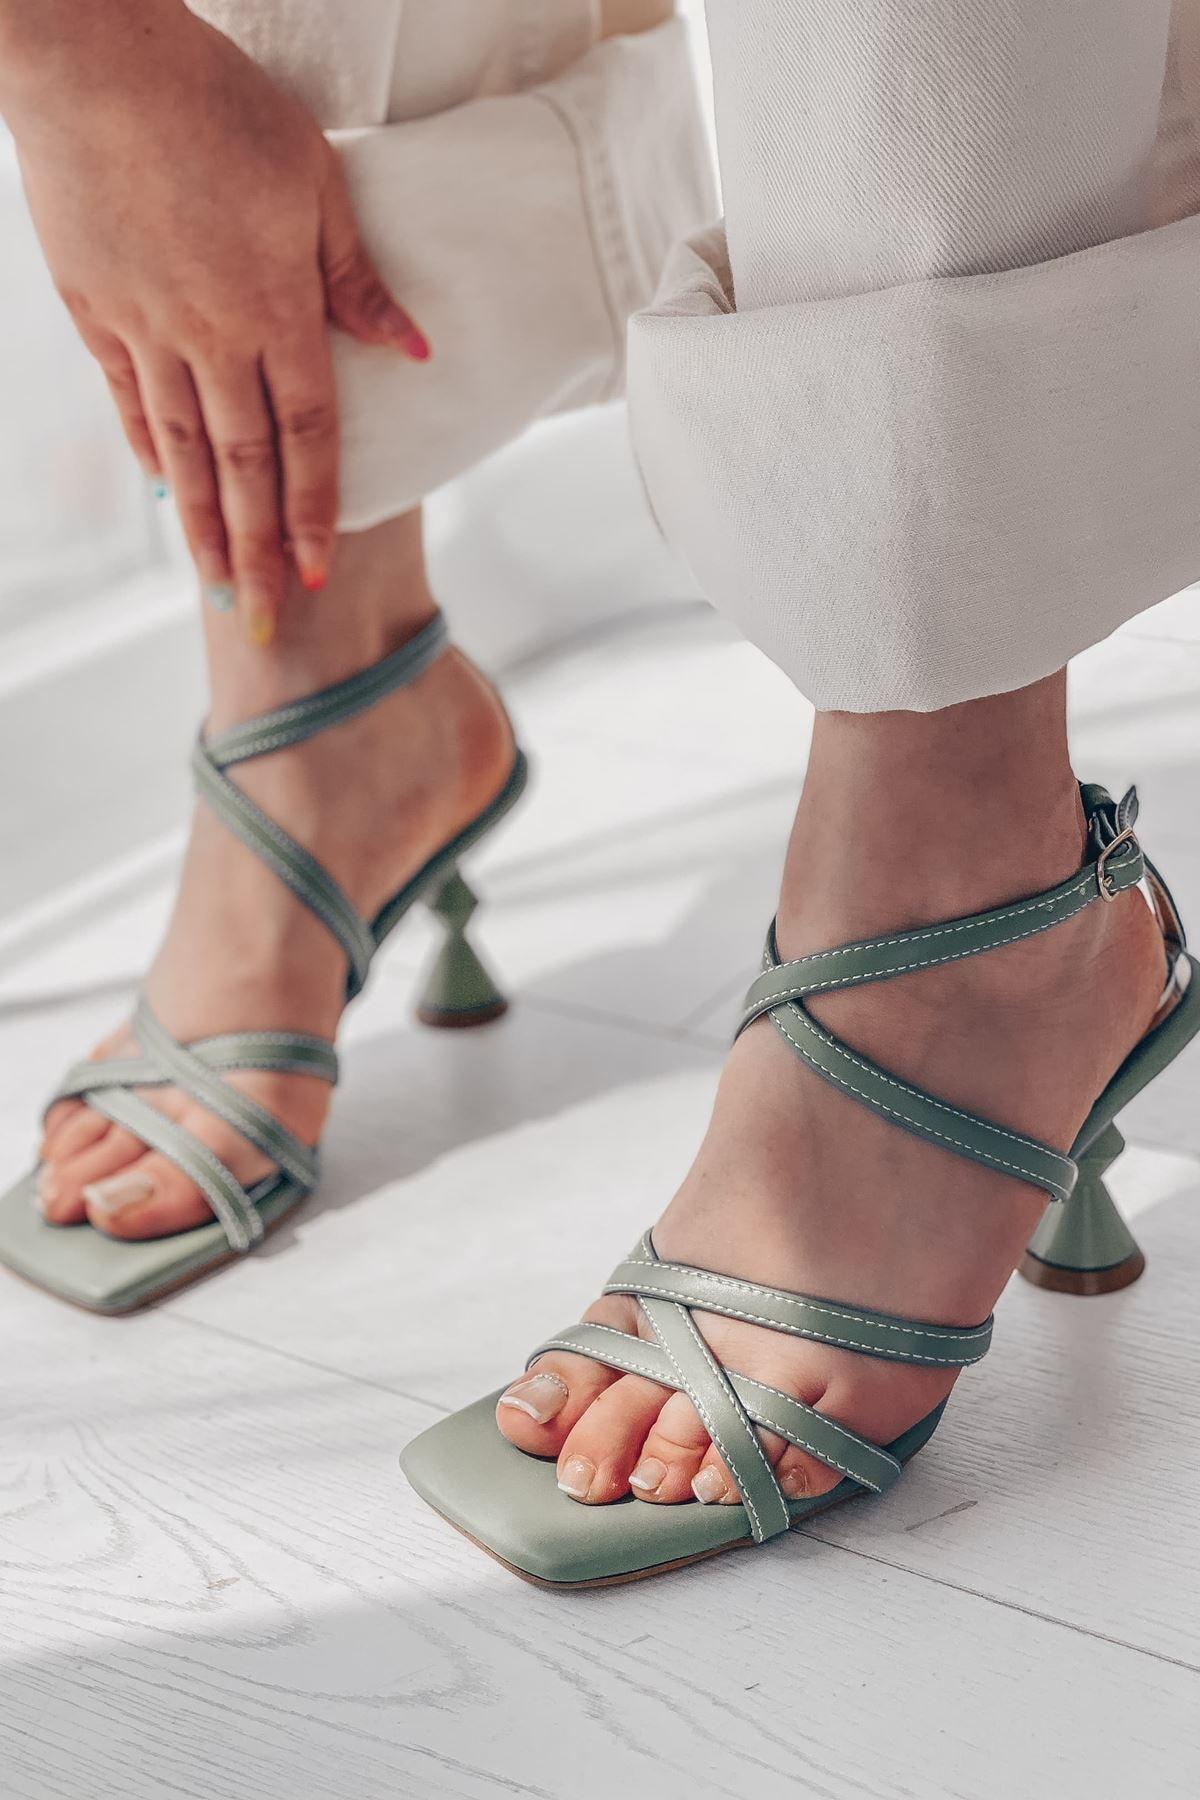 I Love Shoes Talena Mat Deri Bilekten Bağlama Detaylı Yüksek Topuklu Ayakkabı Mint Yeşili